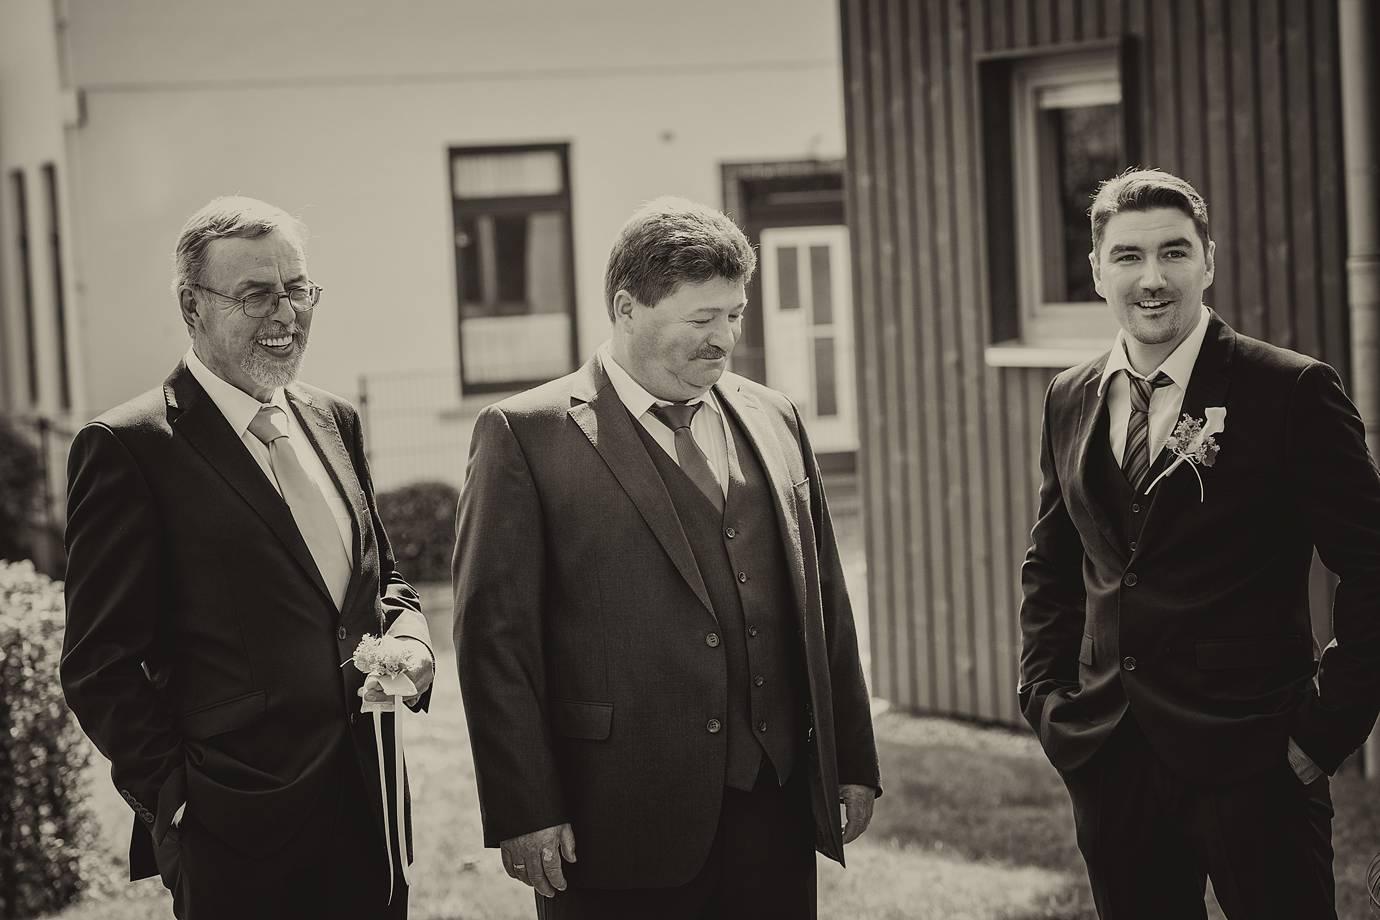 hochzeitsfotograf ritterhude 013 - Susann+Christian